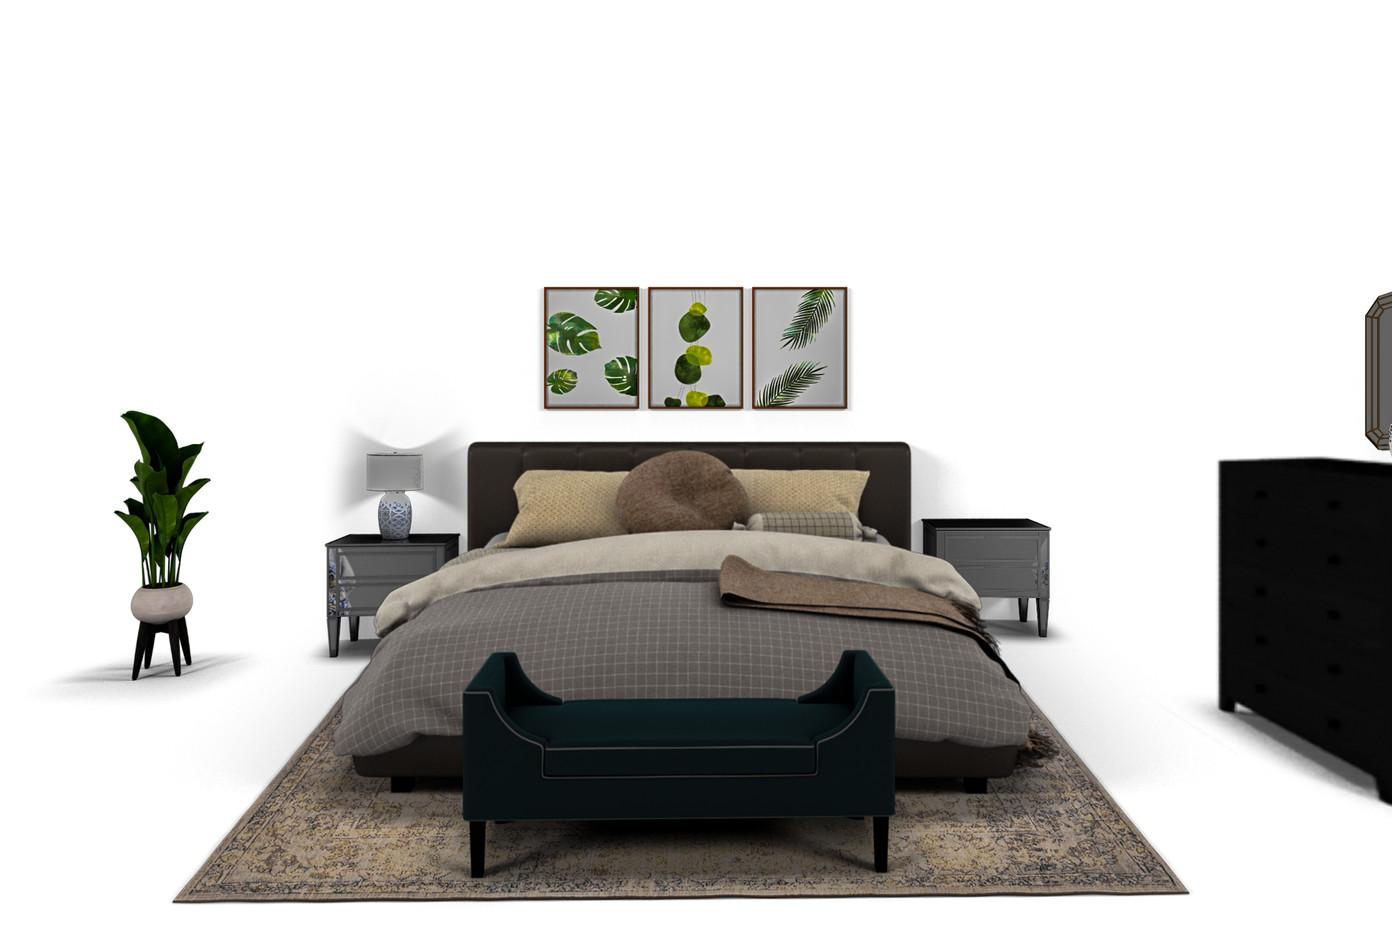 Bedroom Bohemian 9.jpg